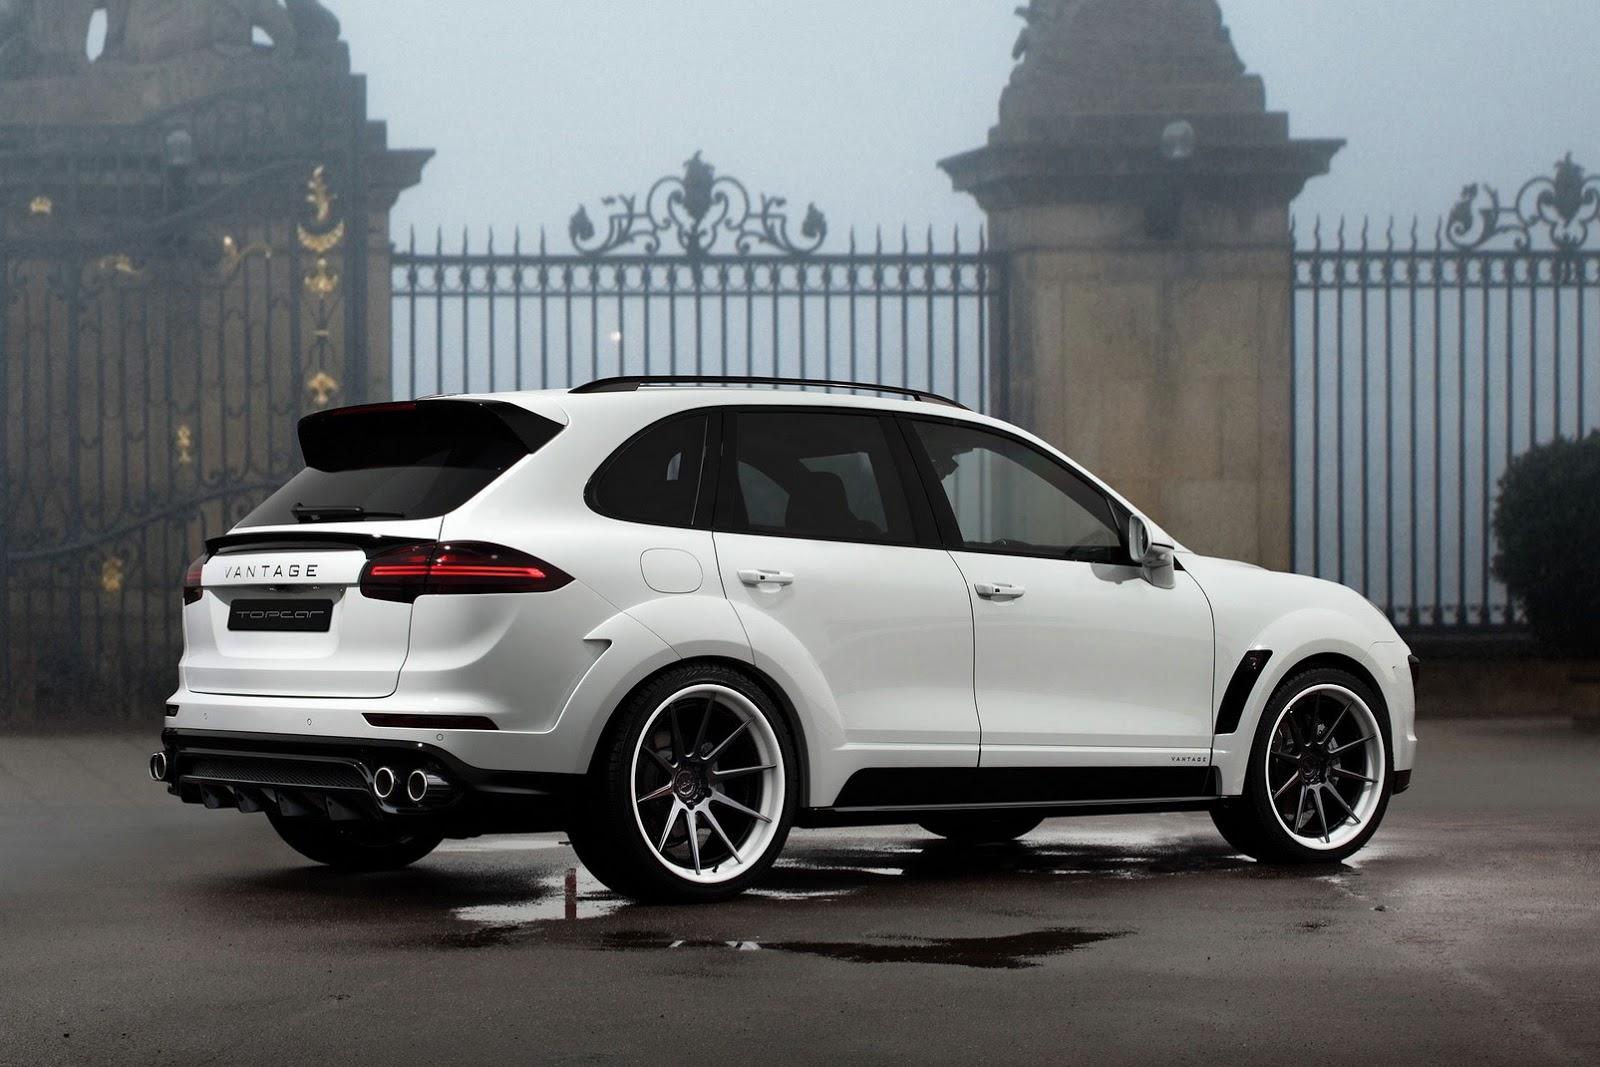 Topcar Reveals White 2015 Porsche Cayenne Gtspirit